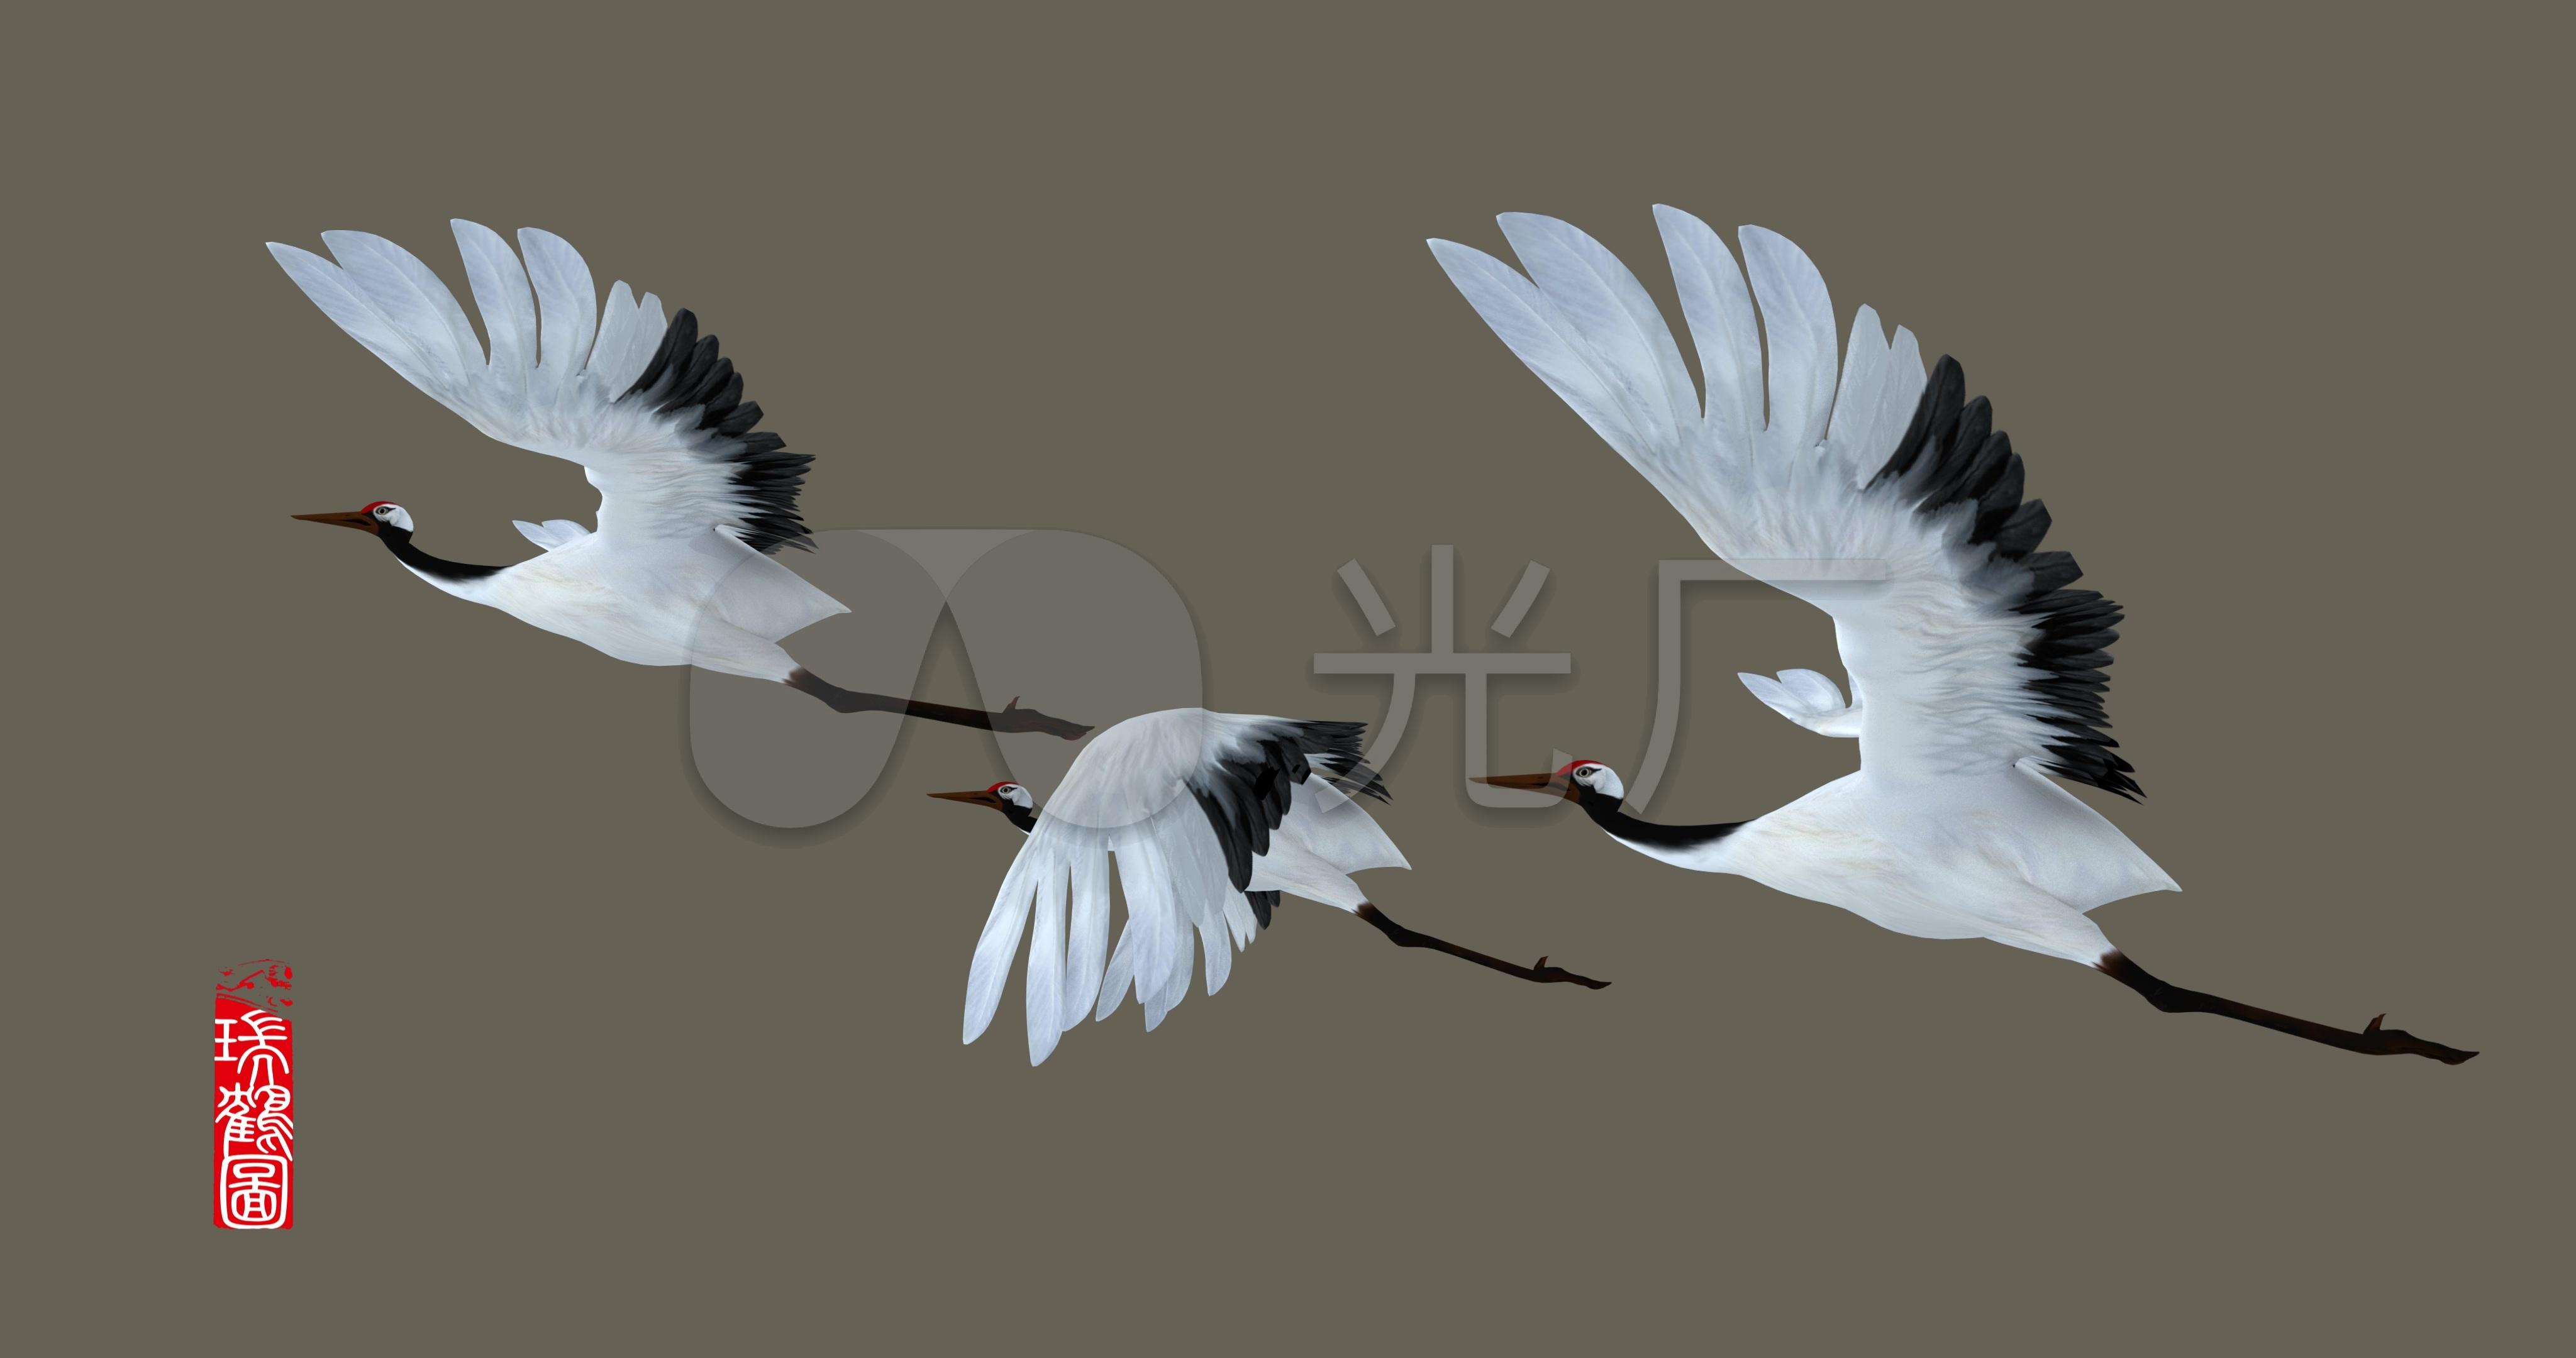 瑞鹤图中国传统绘画水墨国画4k_4096x2160_高清视频